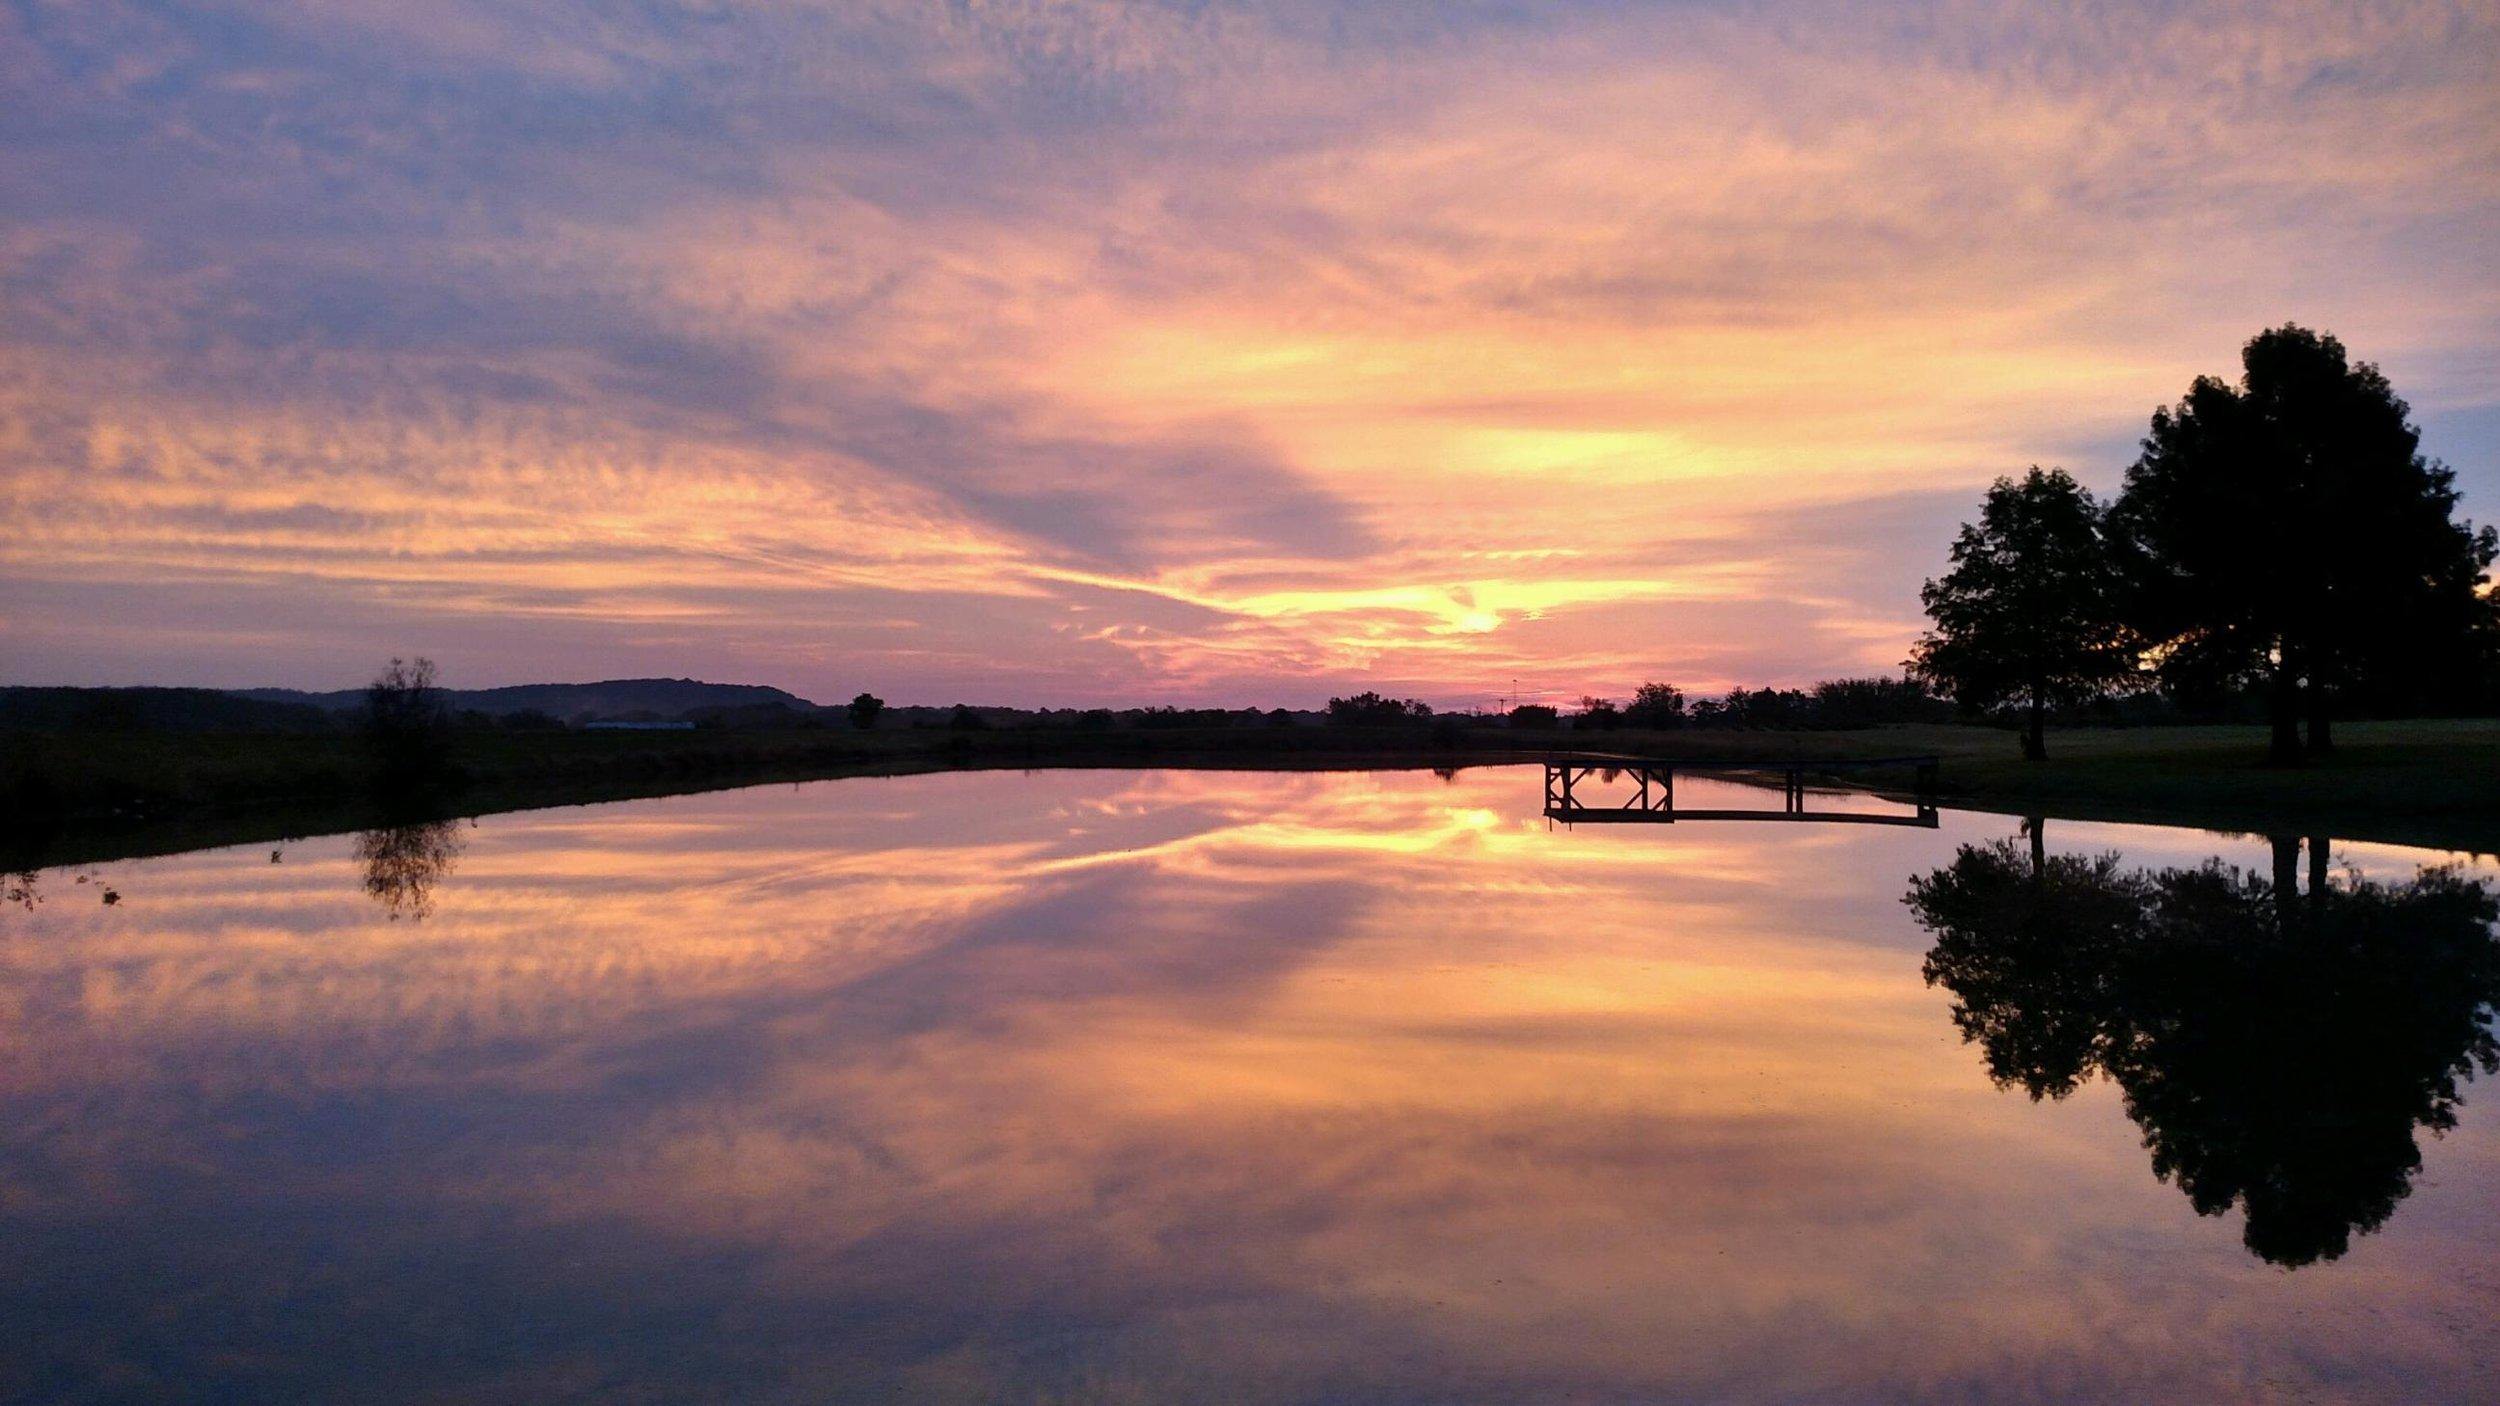 Stress Free Lawn Photo - Cobden, IL